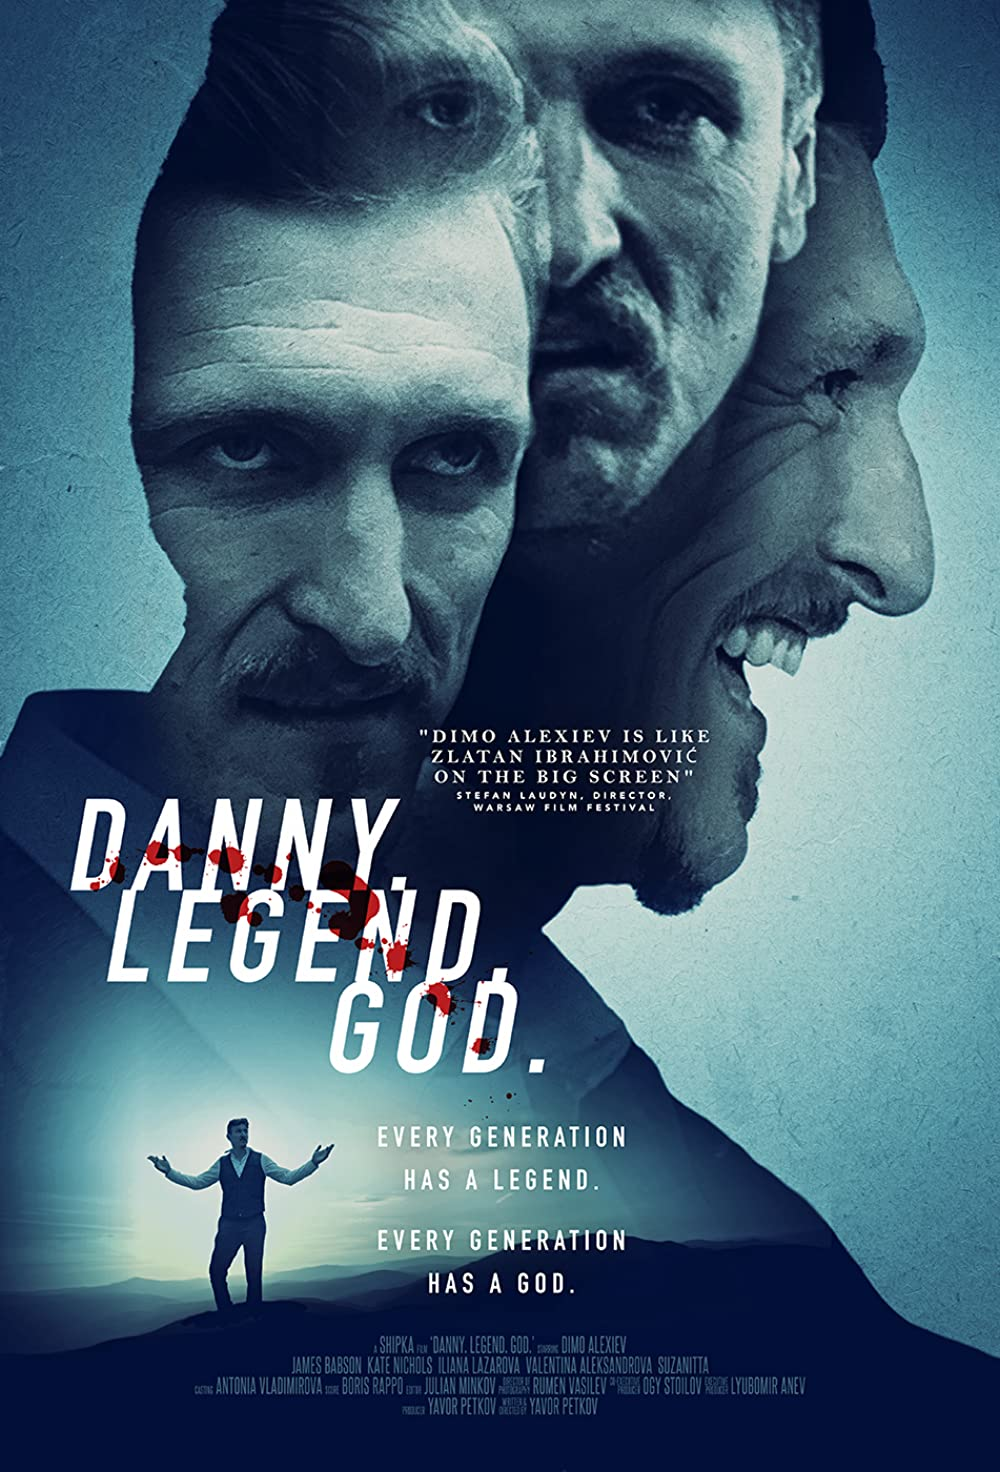 Danny Legend God 2020 English 1080p | 720p | 300MB HDRip ESubs 1.8GB | 796MB Download